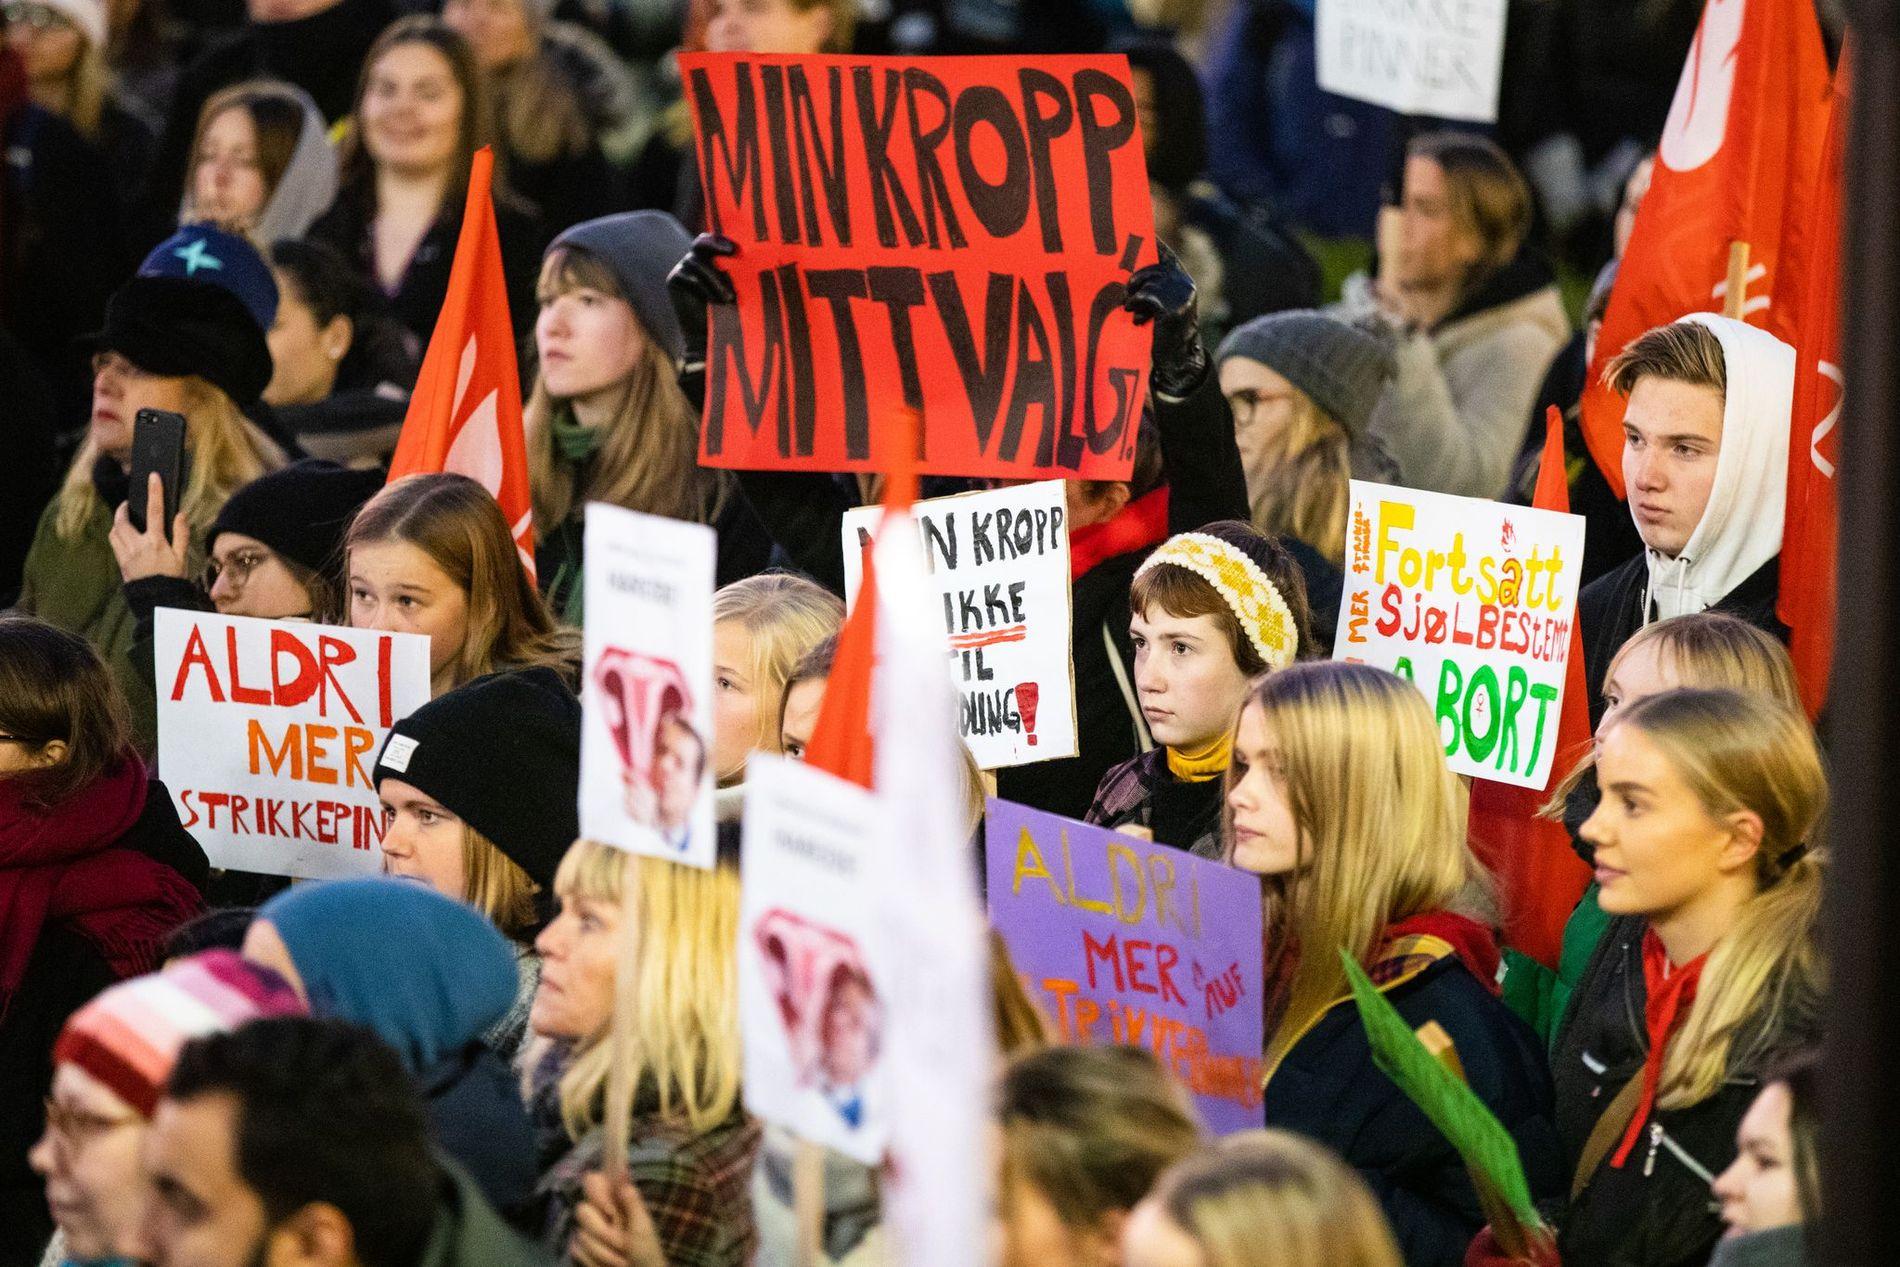 DEMONSTRERTE: Mange er sinte over at statsminister Erna Solberg (H) har åpnet for å diskutere innstramminger i abortloven. Mandag var tusen demonstranter samlet både i Oslo og Bergen for å vise sin motstand.